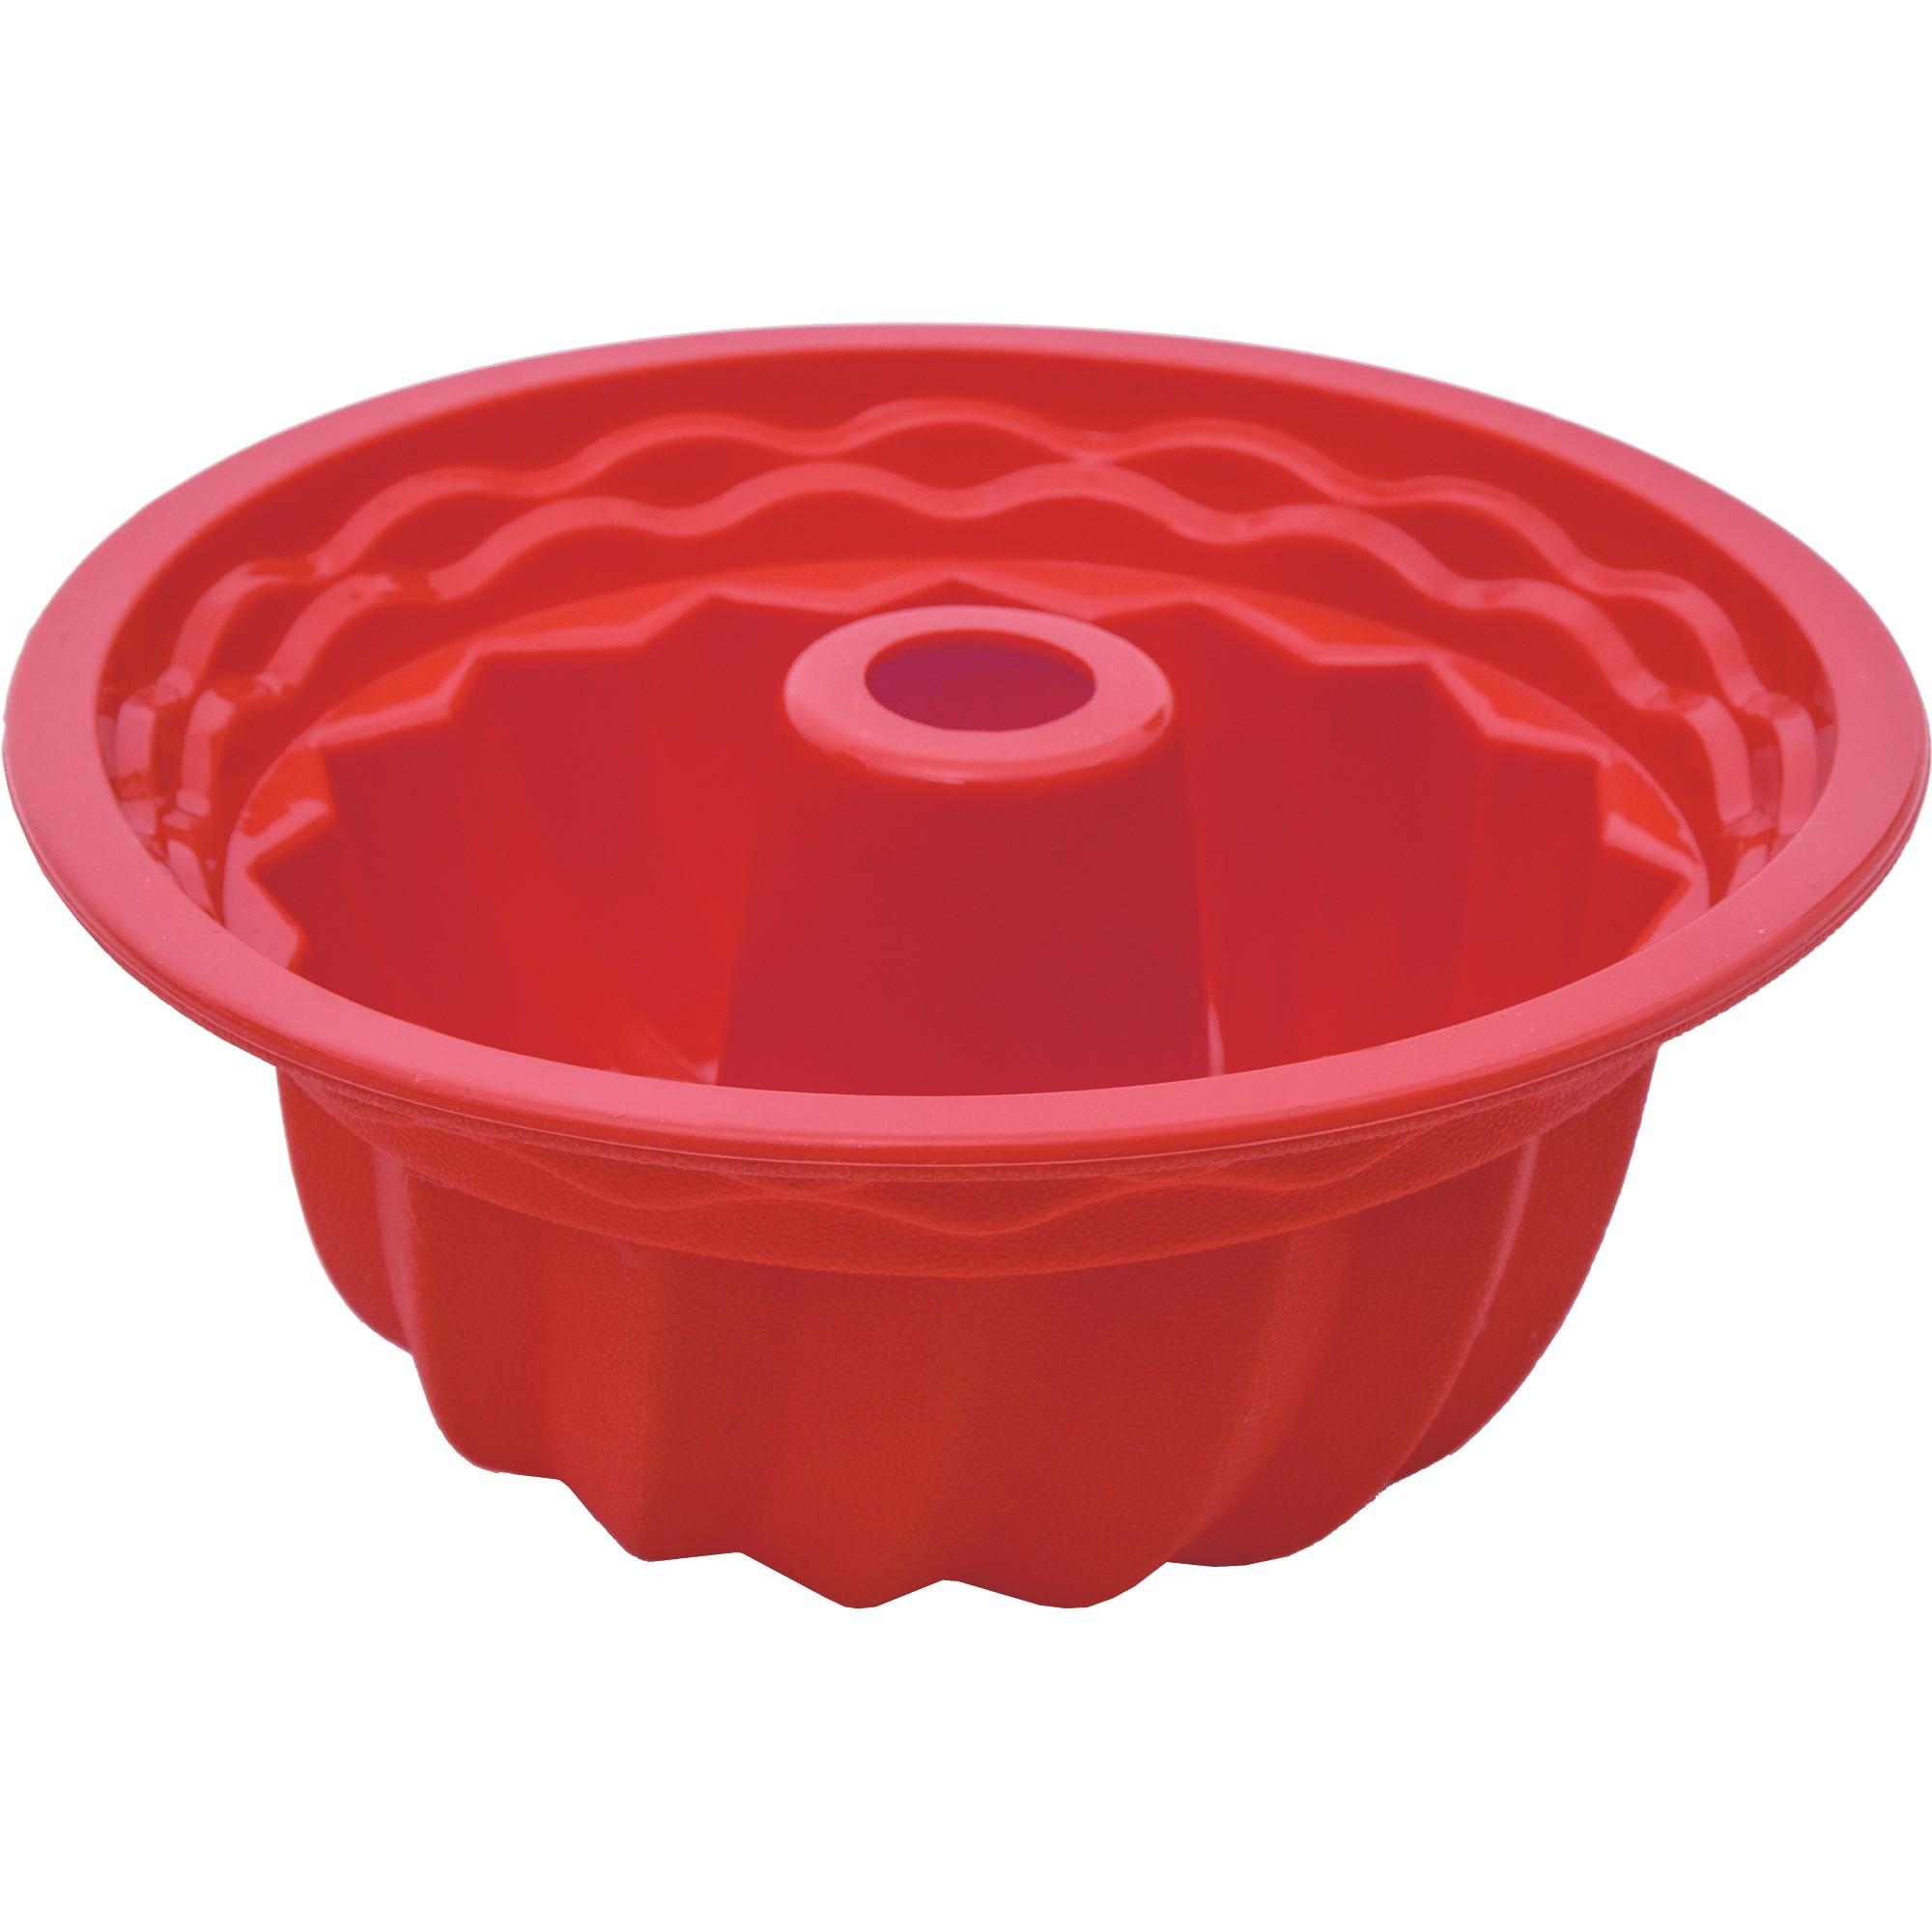 Forma de Silicone para Bolo Redondo 22cm Vermelha - Mundiart